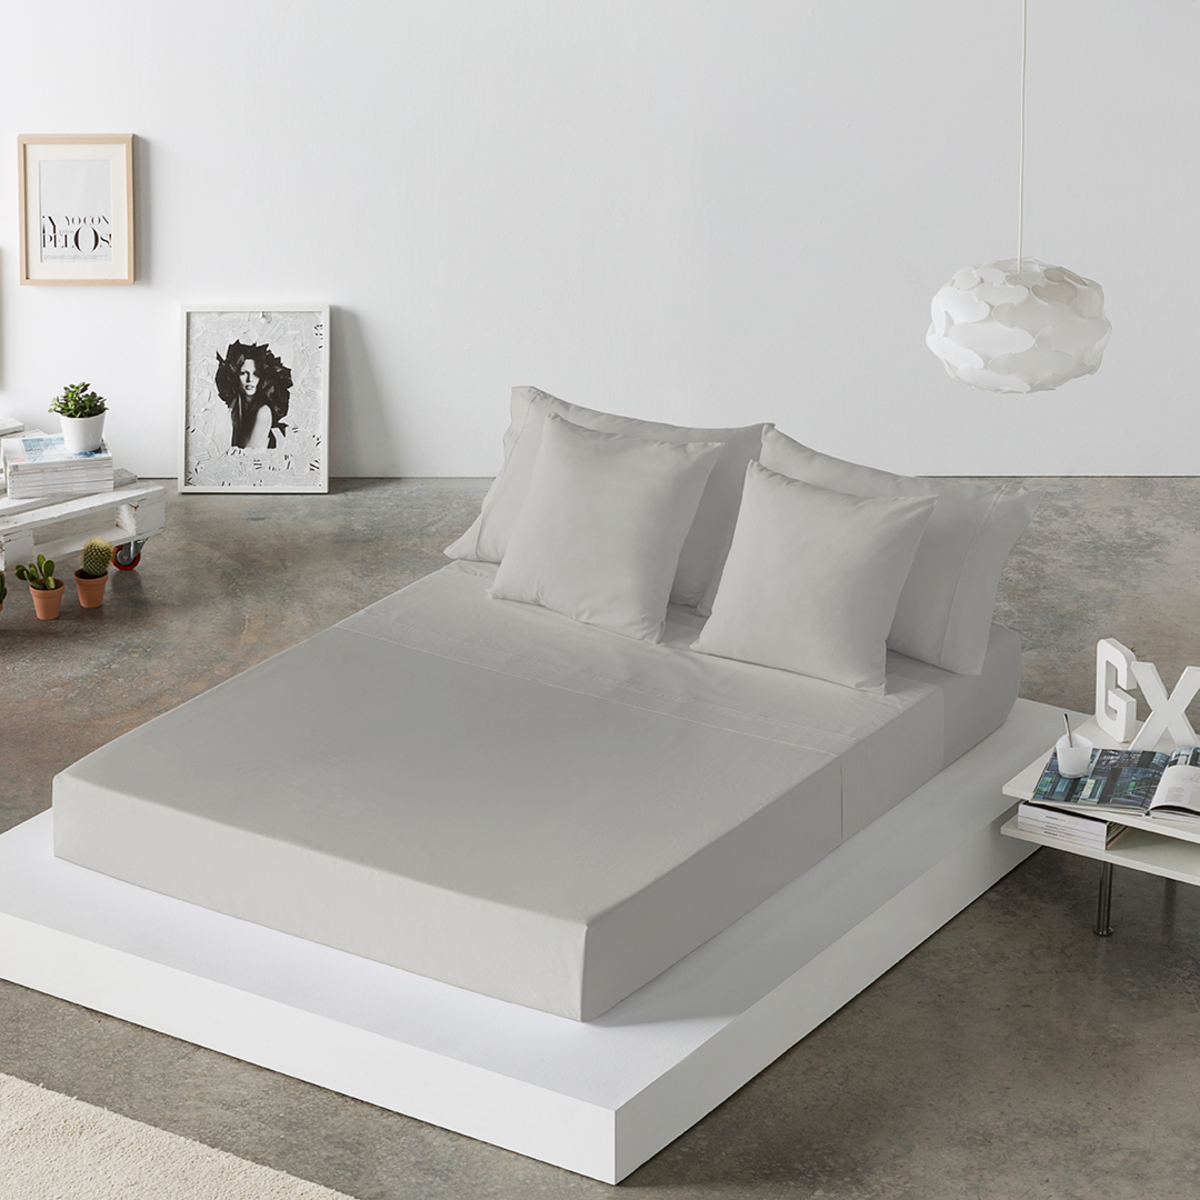 Drap de lit en coton gris 160x280